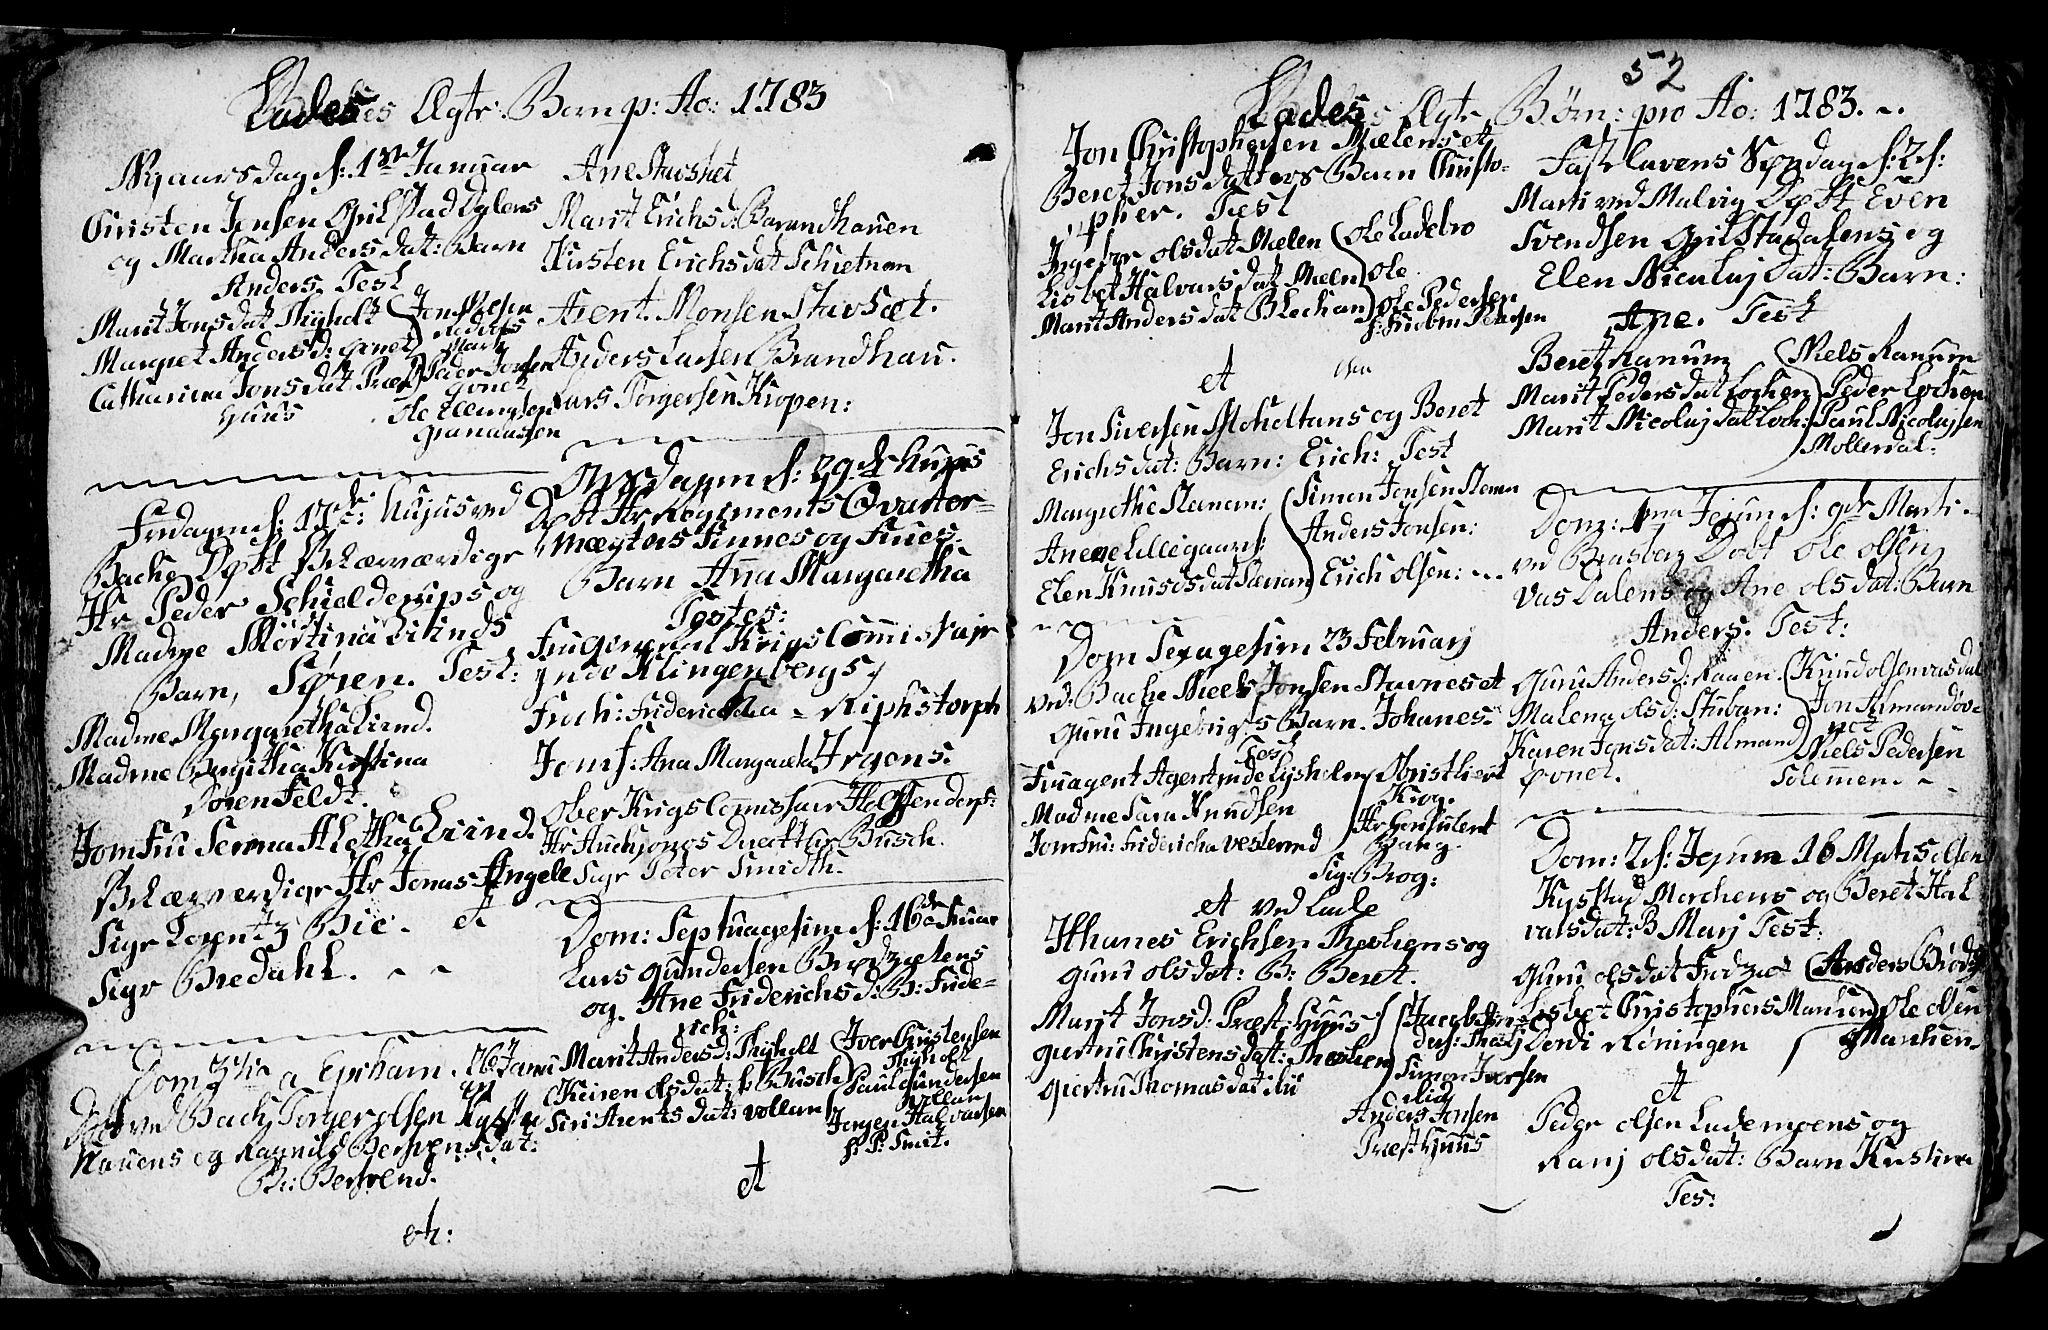 SAT, Ministerialprotokoller, klokkerbøker og fødselsregistre - Sør-Trøndelag, 606/L0305: Klokkerbok nr. 606C01, 1757-1819, s. 52